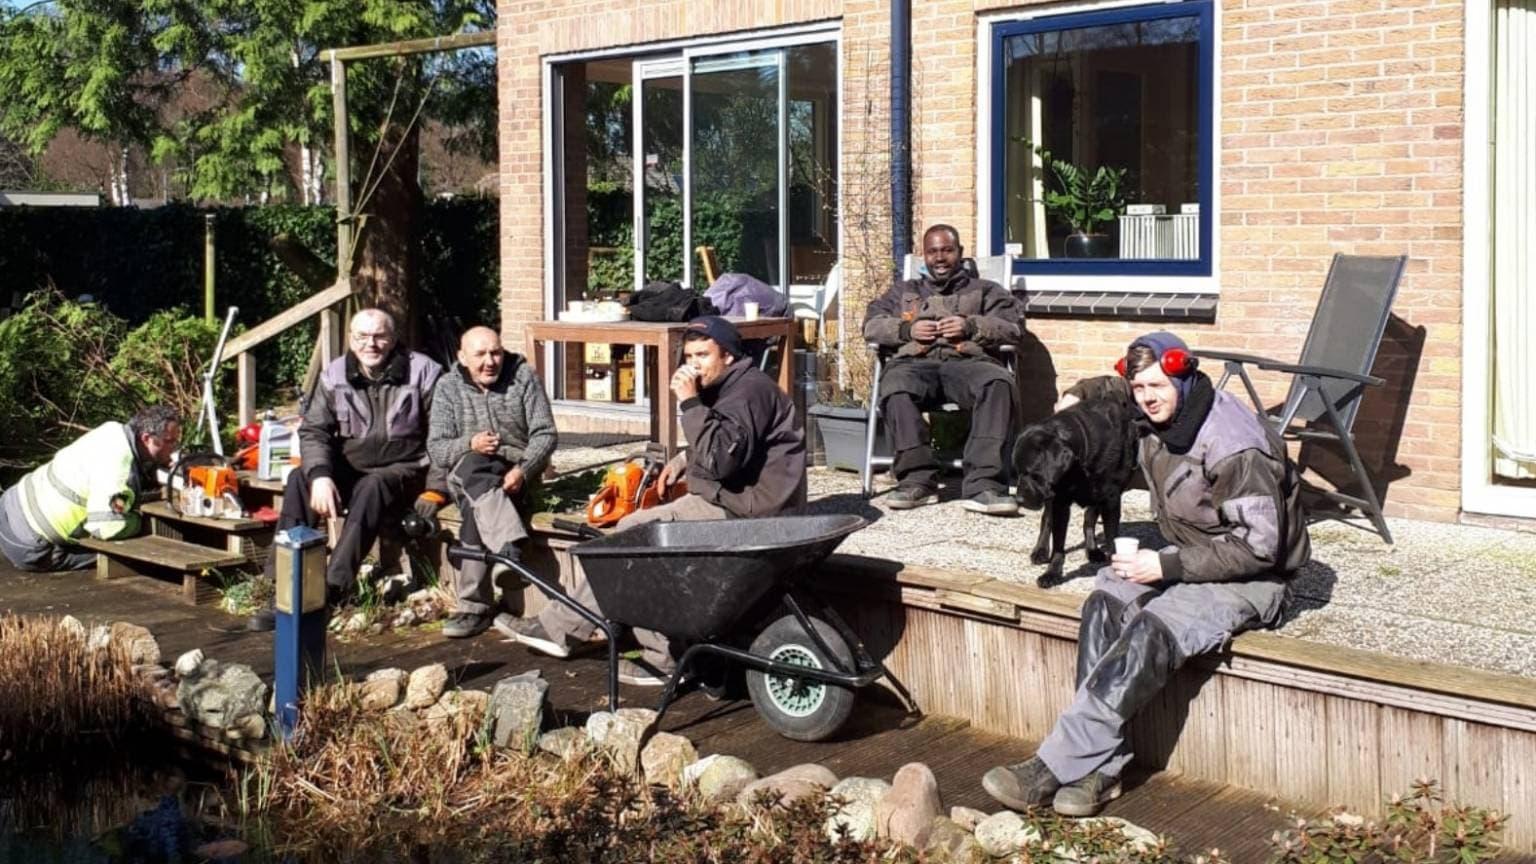 Bewoners van Oranjeborg pauzeren van het werk in de buitenlucht